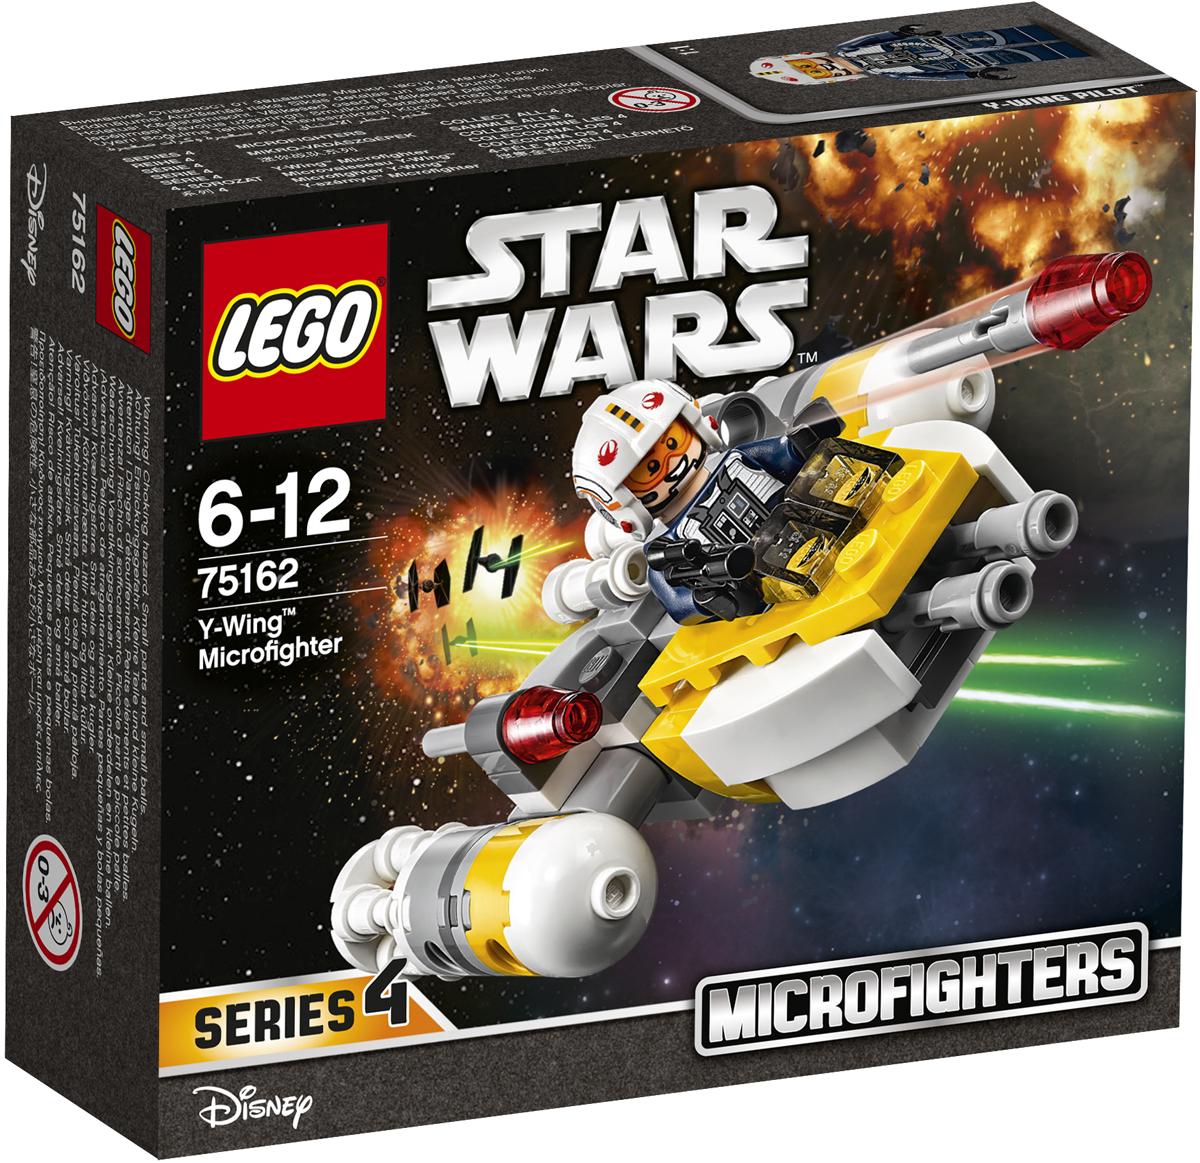 LEGO Star Wars Конструктор Микроистребитель типа Y 7516275162Сражайся с силами Империи на удивительном микроистребителе типа Y. Посадите пилота в кабину микроистребителя, снарядите пусковые установки маневренными ракетами и приготовьтесь вступить в бой. Набор включает в себя 90 разноцветных элементов и минифигурку. Конструктор - это один из самых увлекательных и веселых способов времяпрепровождения. Ребенок сможет часами играть с конструктором, придумывая различные ситуации и истории.